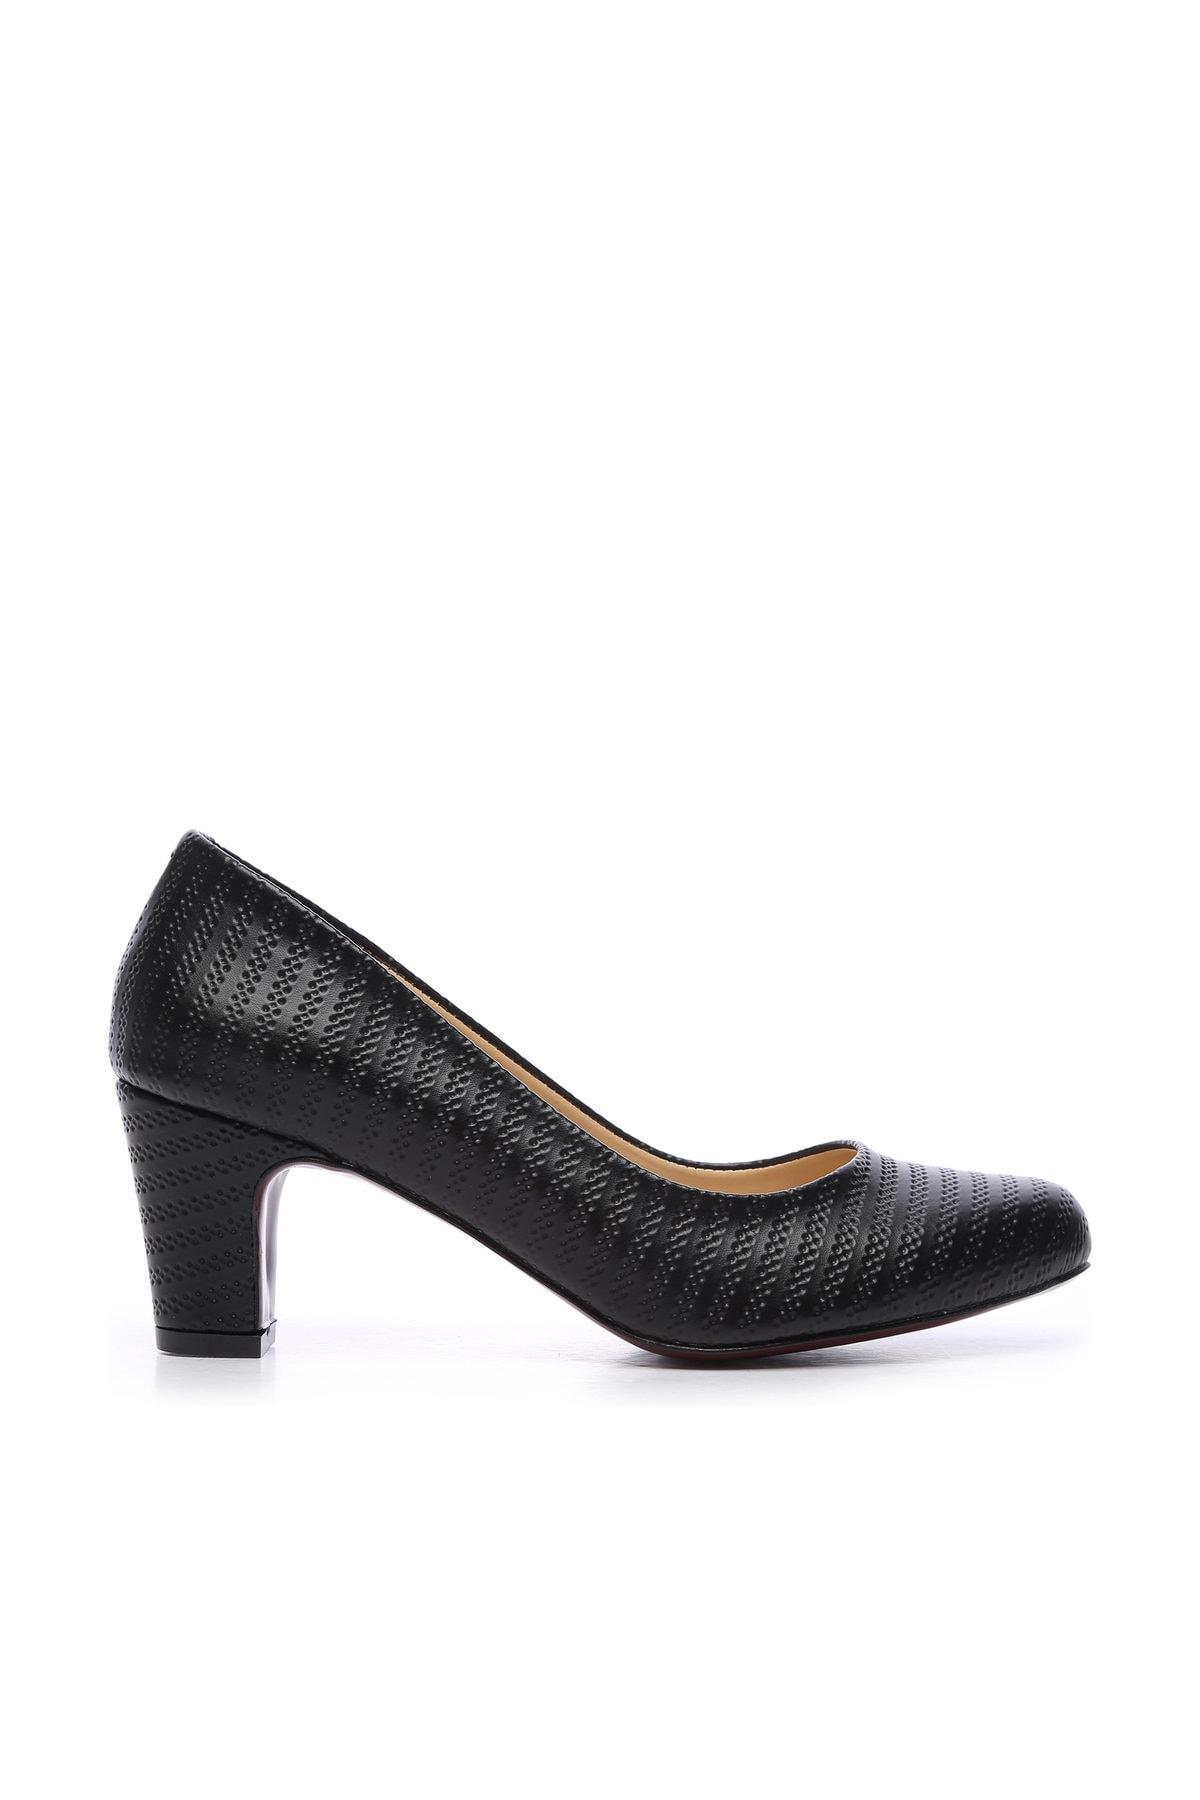 KEMAL TANCA Siyah Kadın Vegan Klasik Topuklu Ayakkabı 723 2032 BN AYK Y19 1